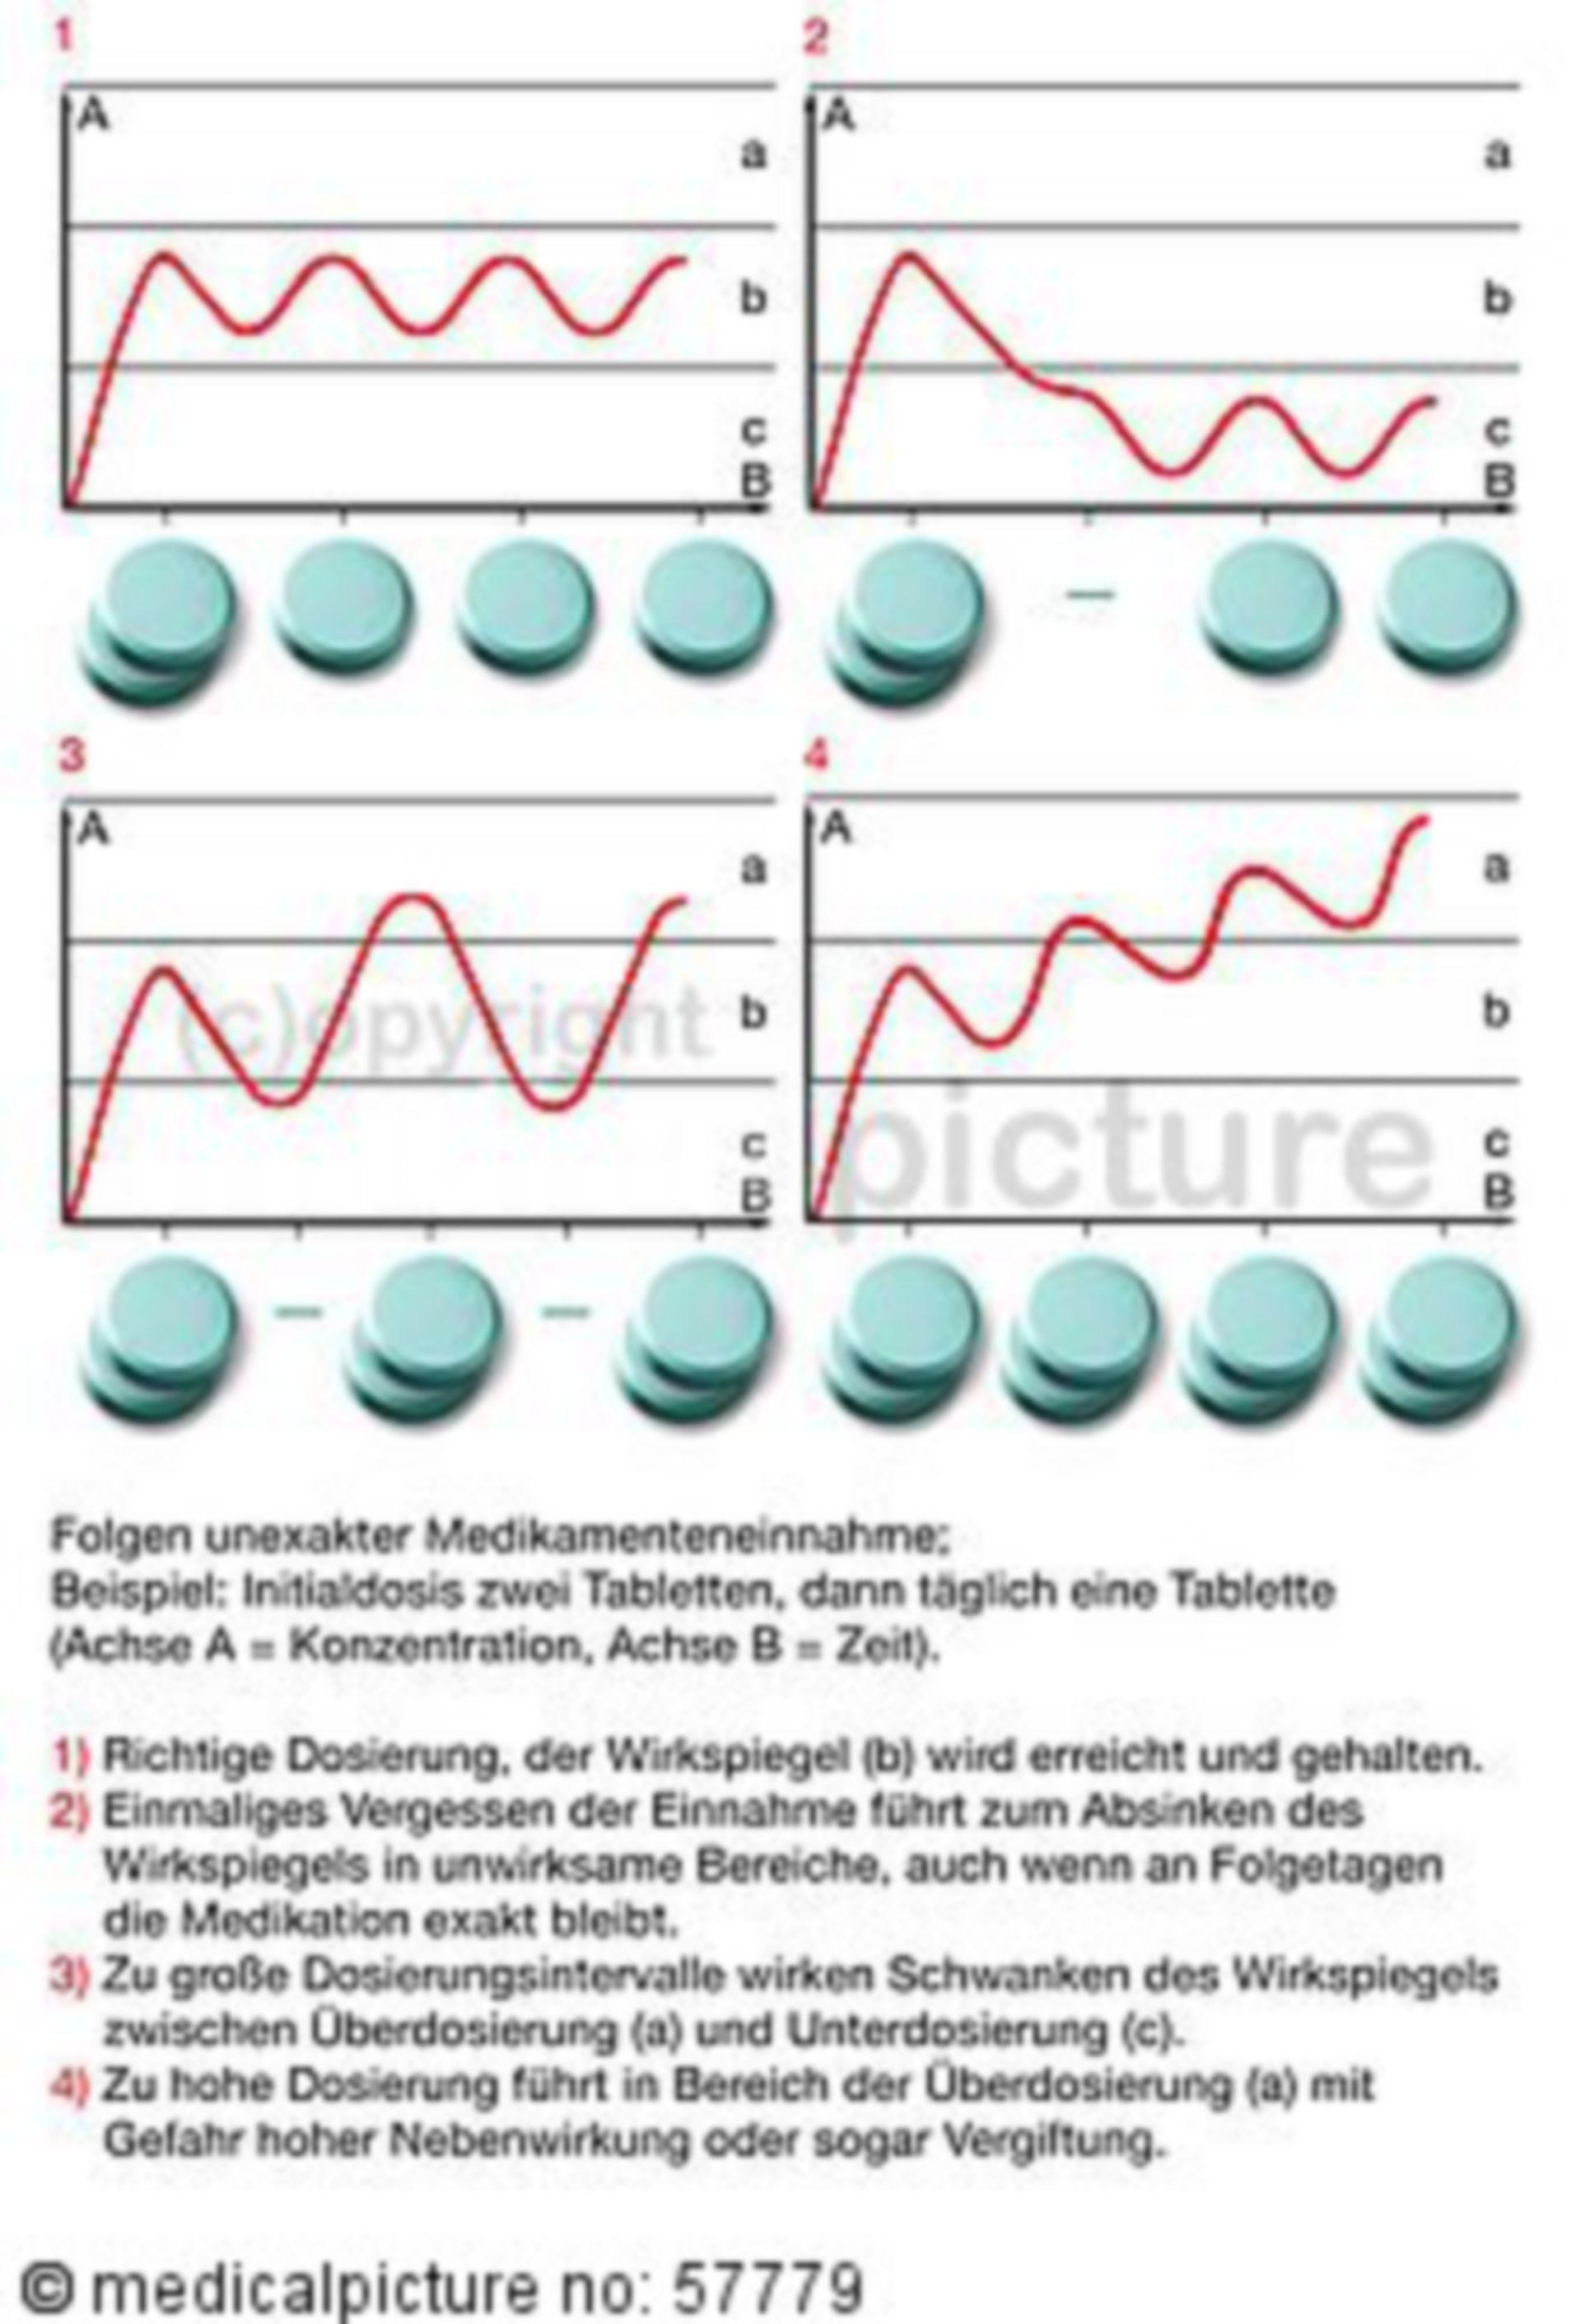 Diagramm - Folgen von unexakter Medikamenteneinahme